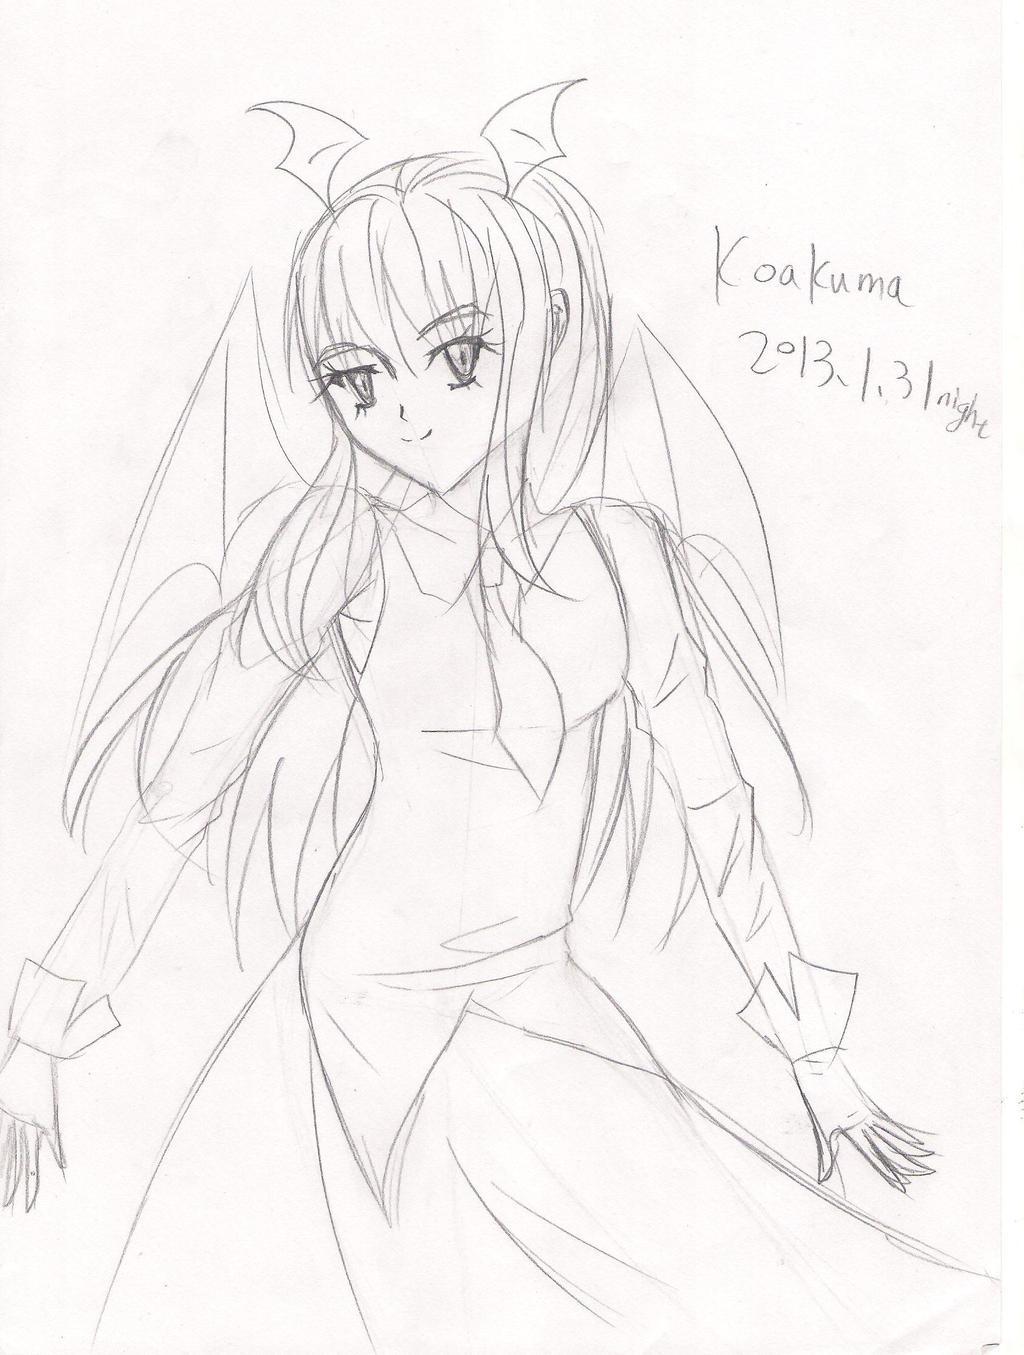 Koakuma by Renny1998